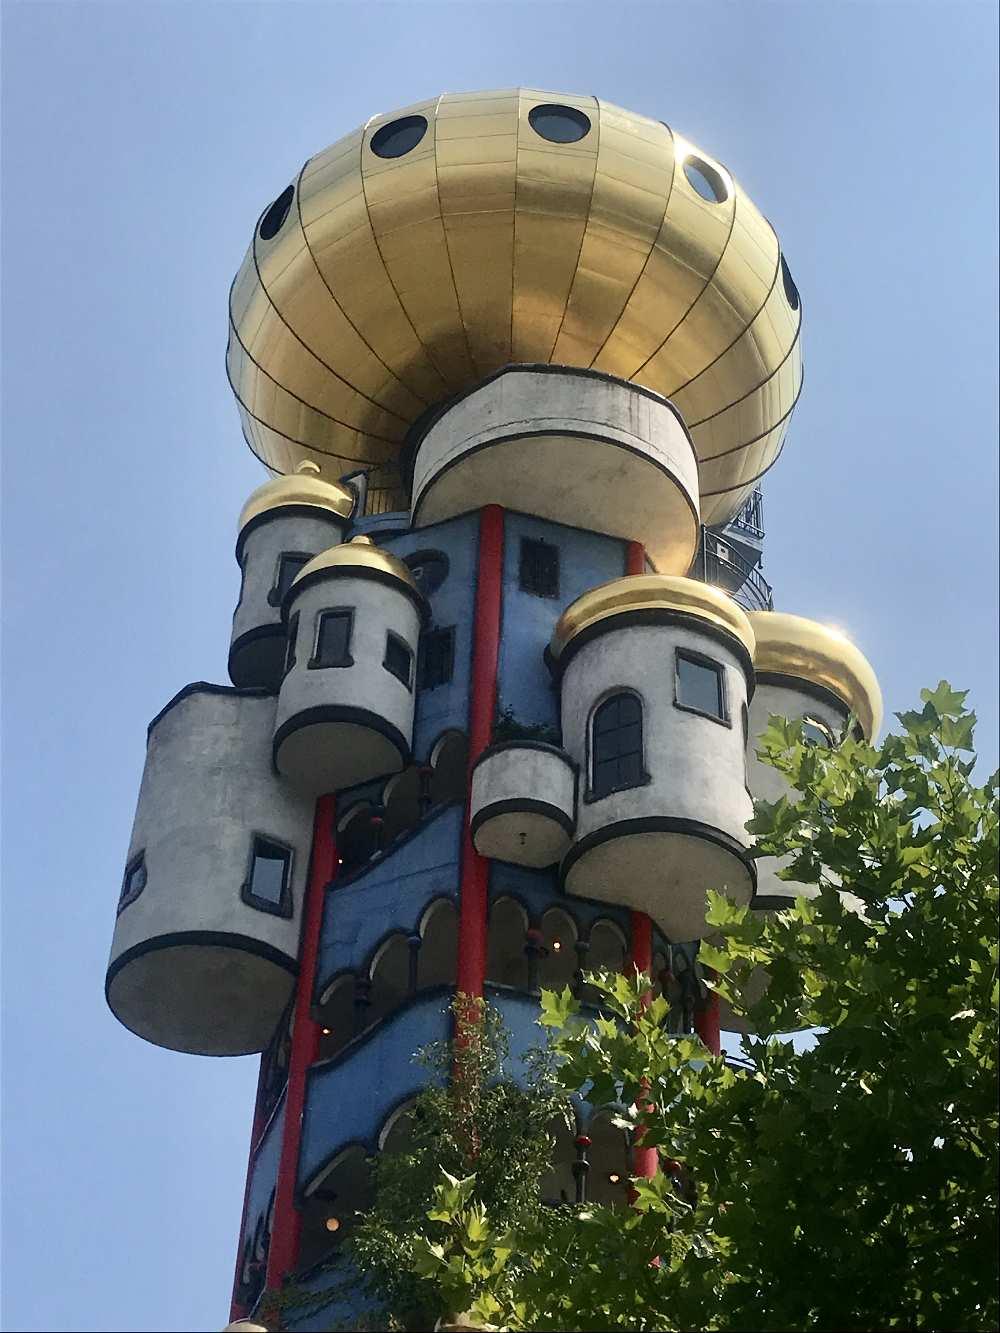 Das faszinierende Ausflugsziel in Bayern: Der Kuchlbauer Turm von Hunderwasser wird zusammen mit der Brauerei besichtigt